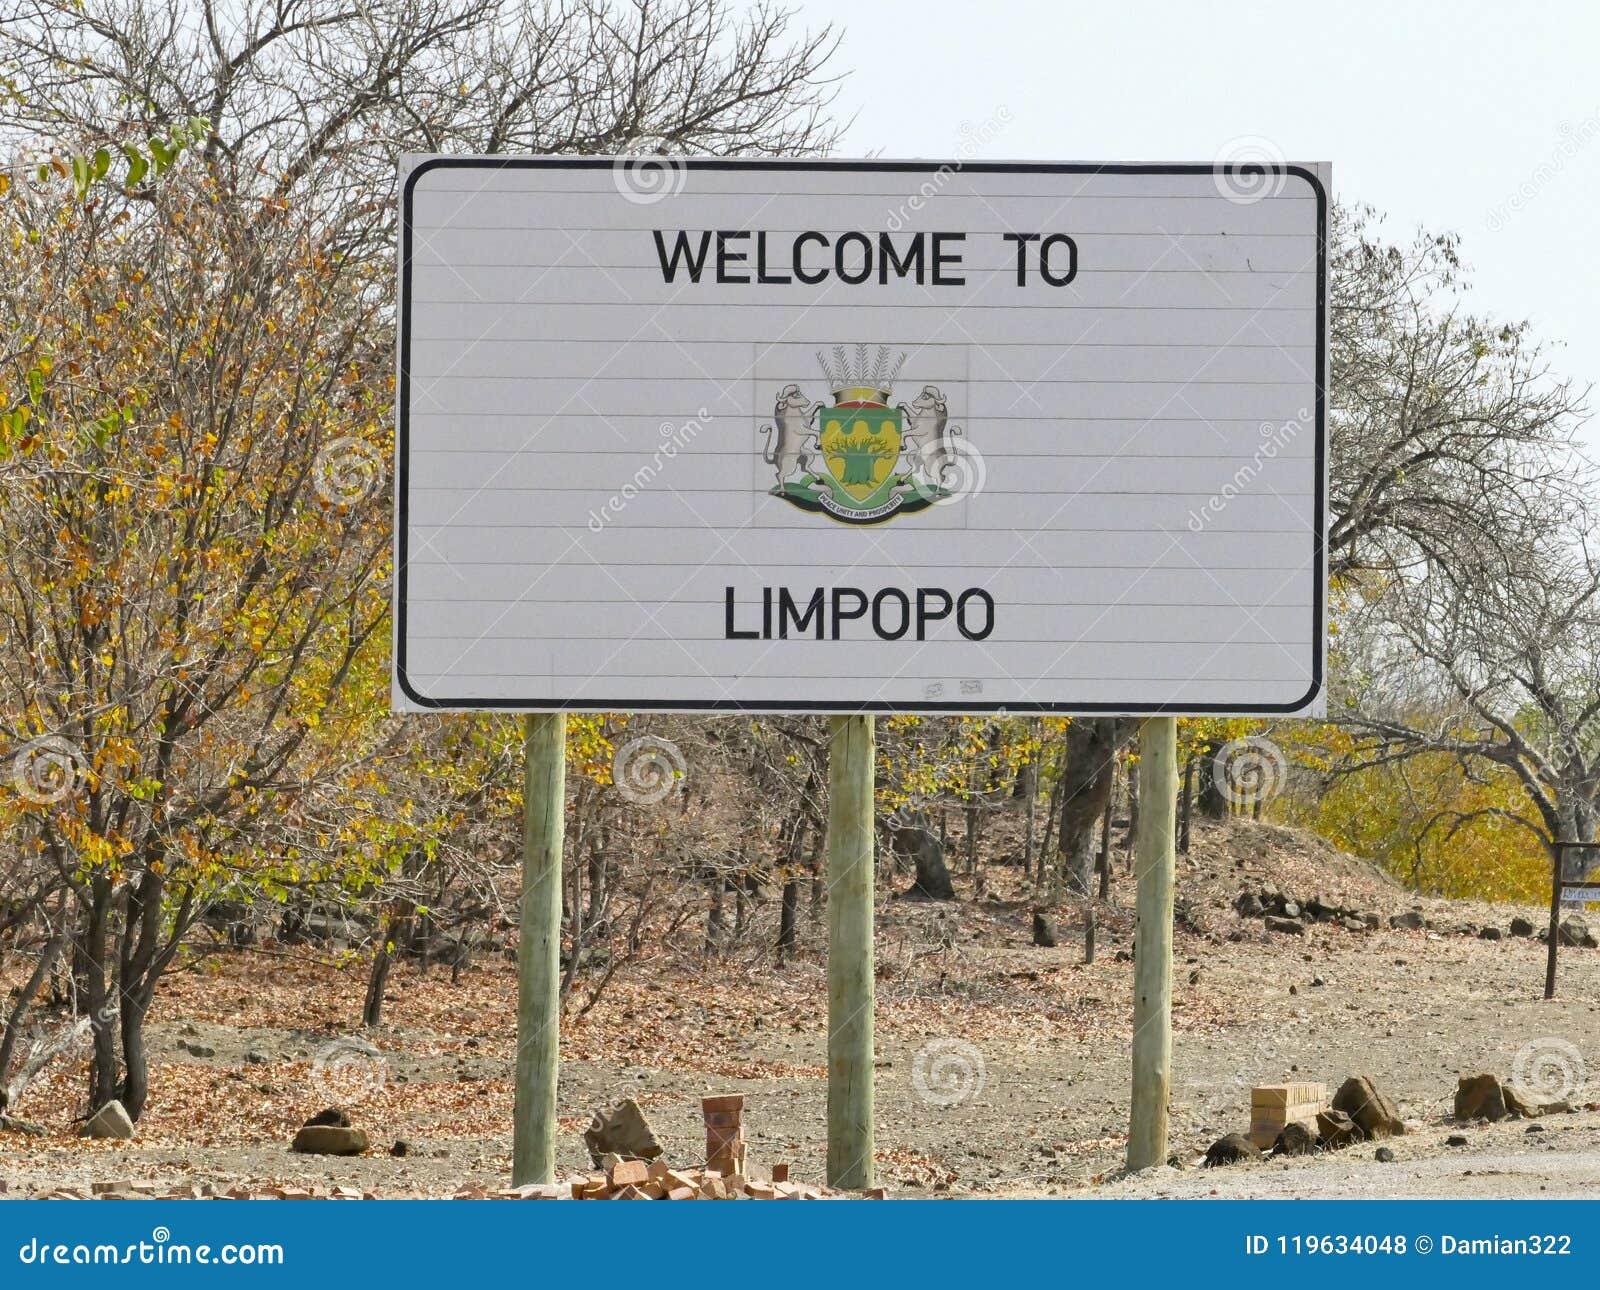 林波波河标志-旅行目的地在非洲